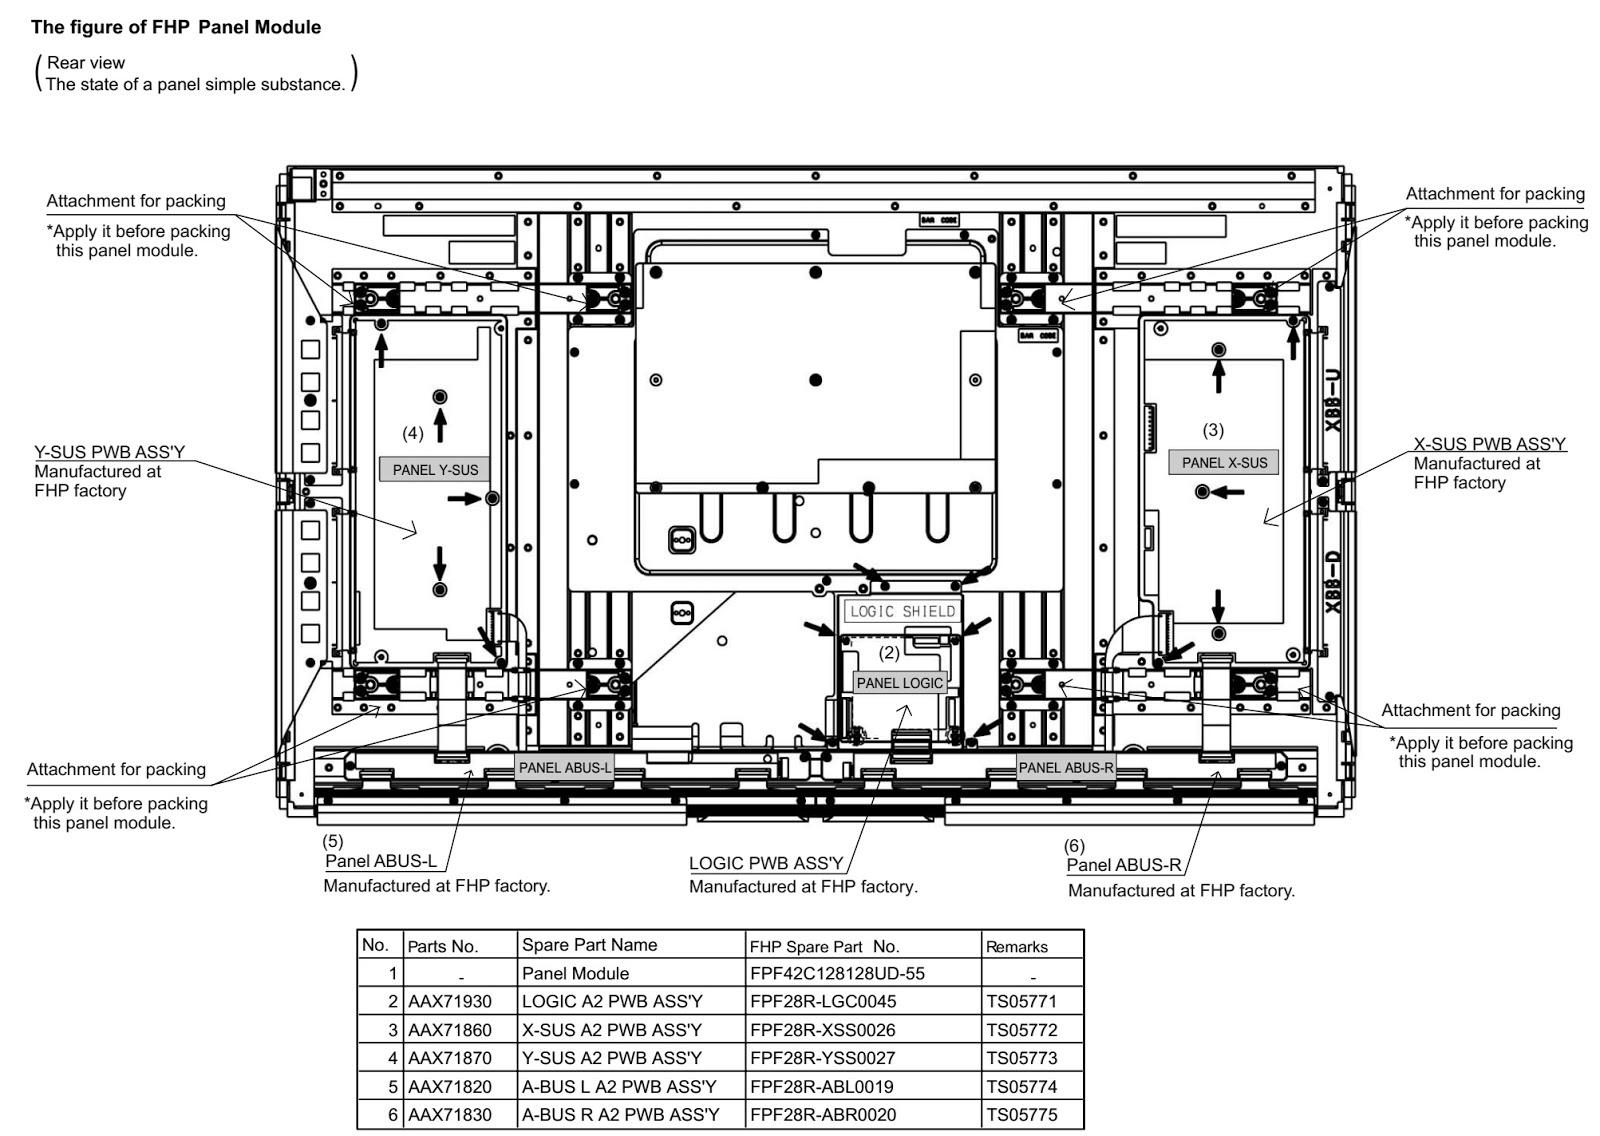 Yamaha PDM4220 Plasma Display